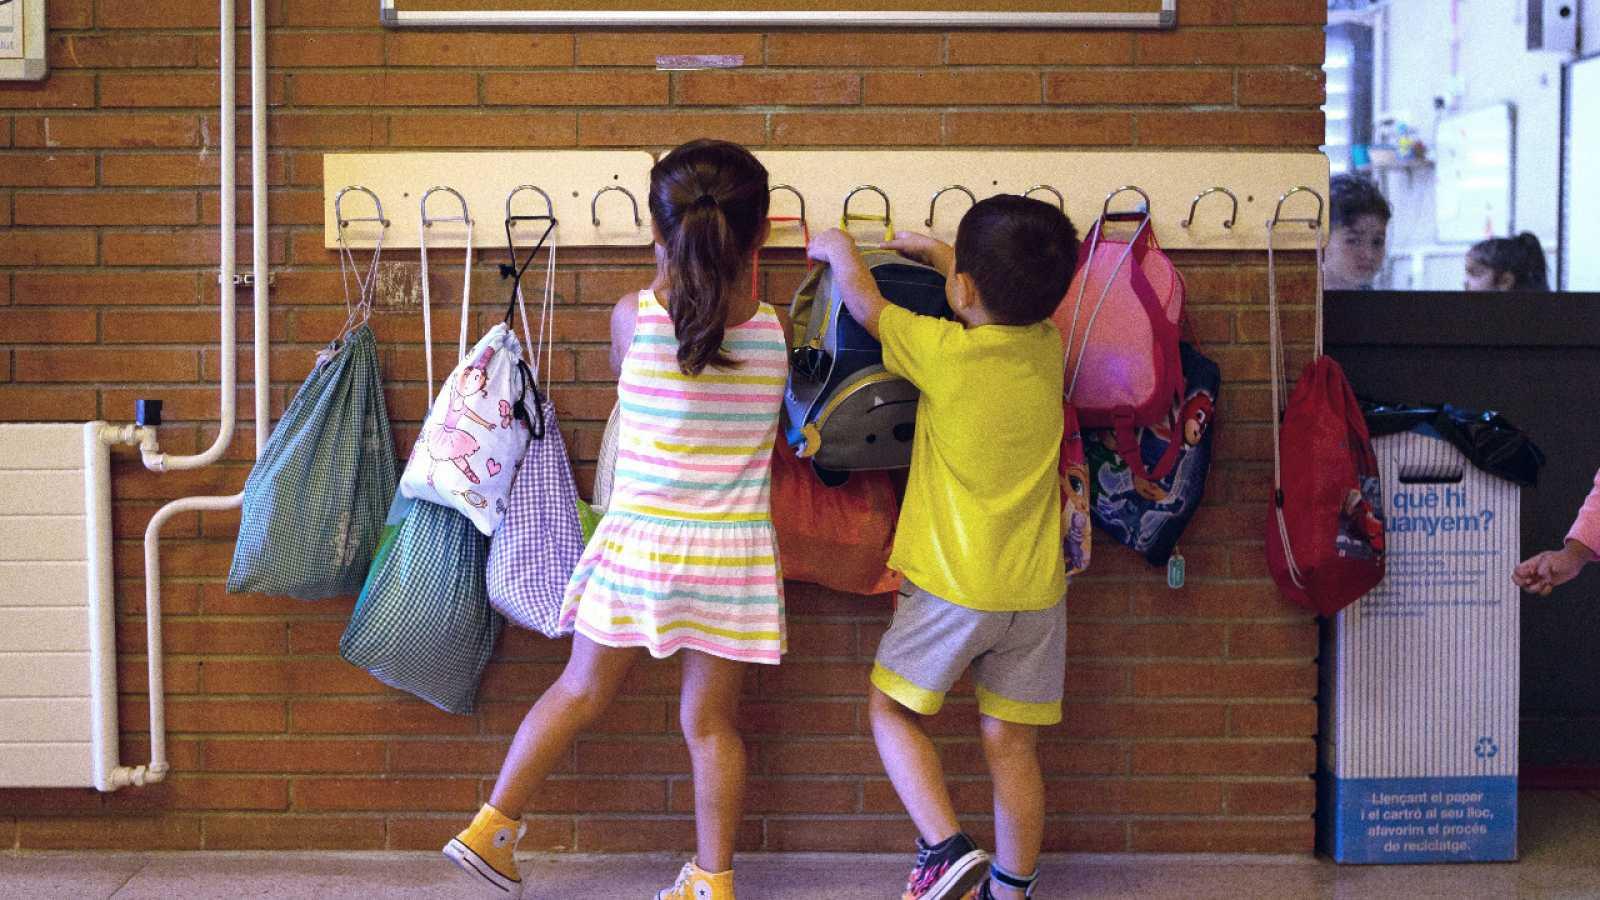 Cataluña hará PCR en las escuelas con unidades móviles si hay positivos de COVID-19